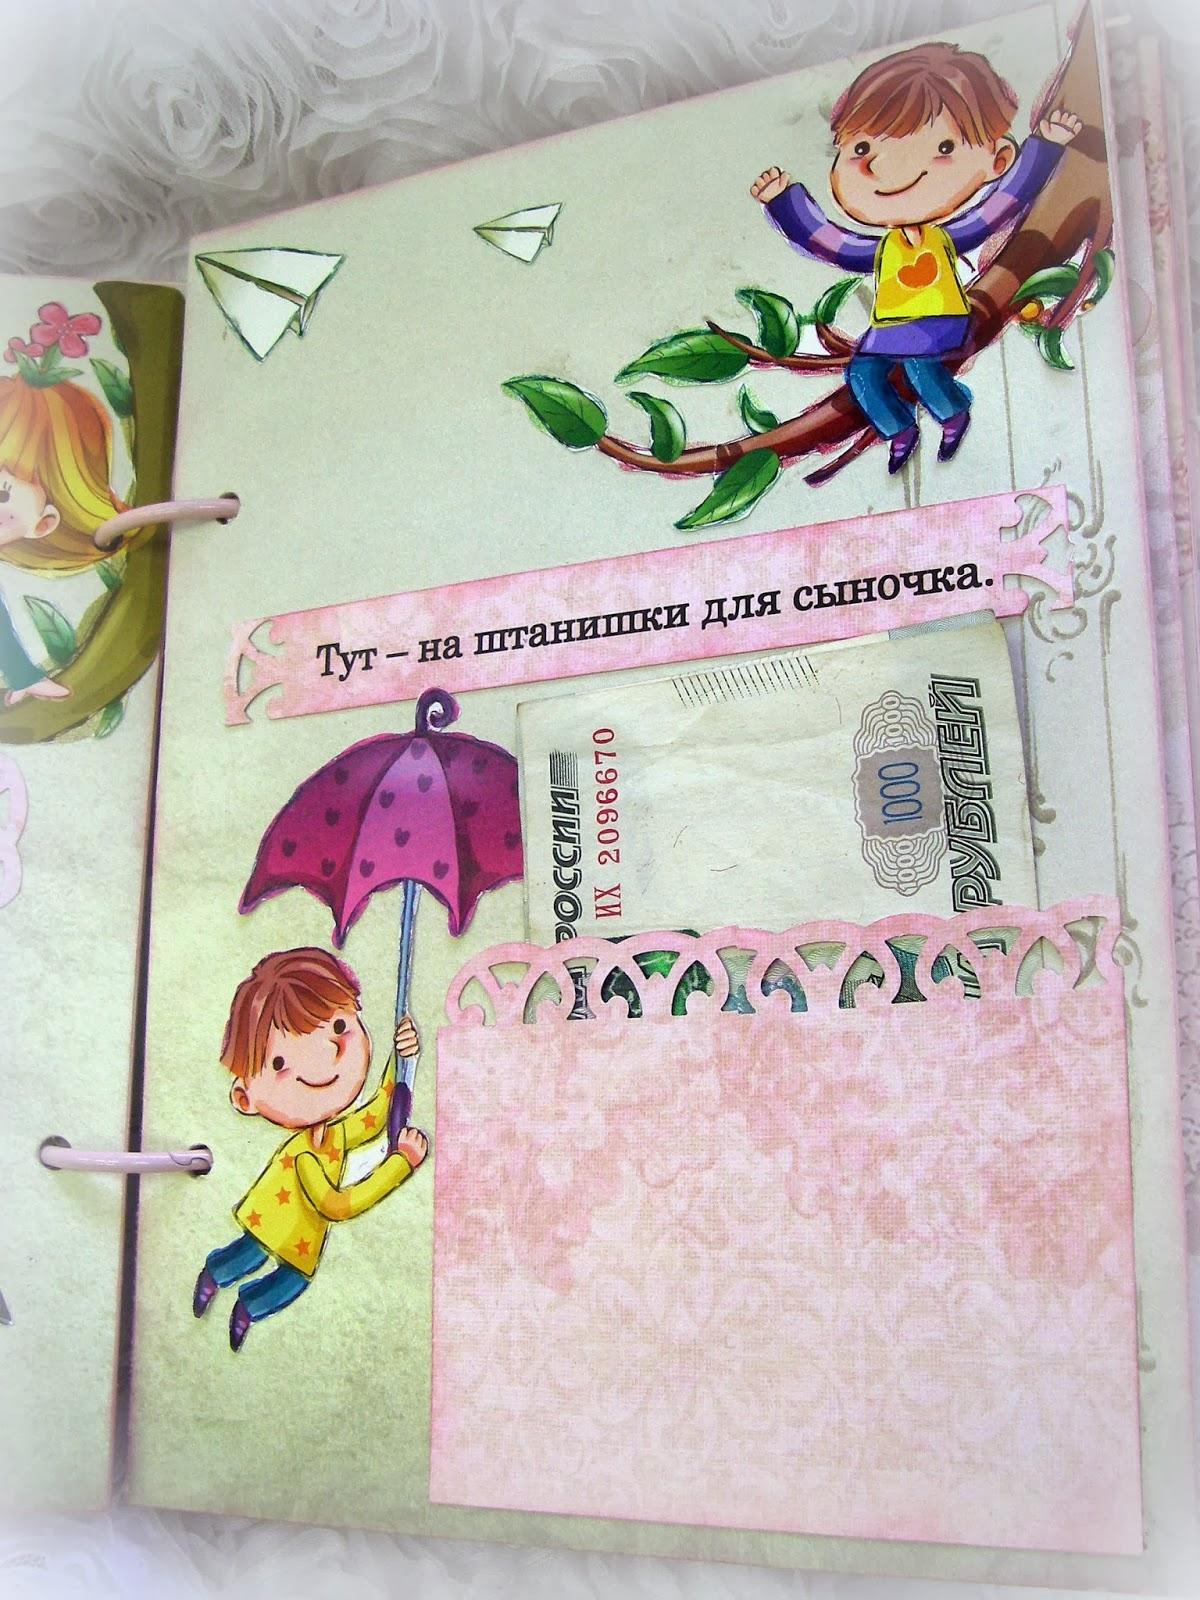 Стихи к подаркам - xn-2012-43dmmko7bmrmr2u 10